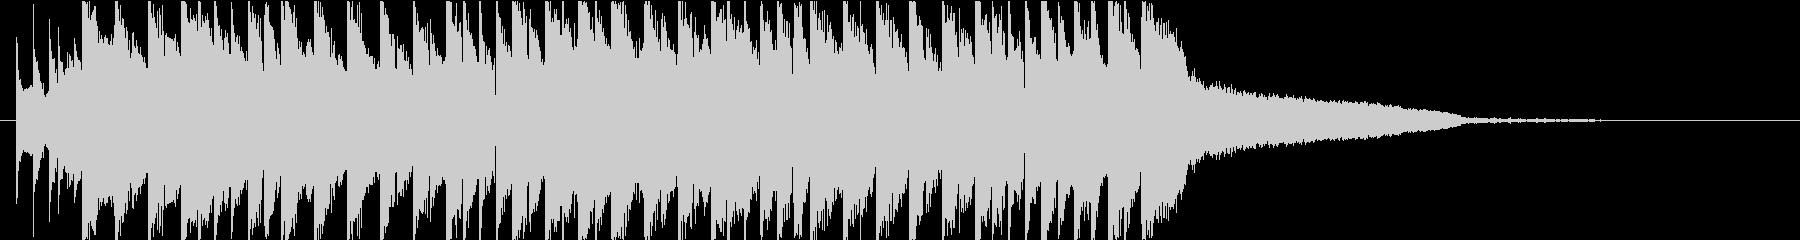 かわいいEDM オープニングの未再生の波形